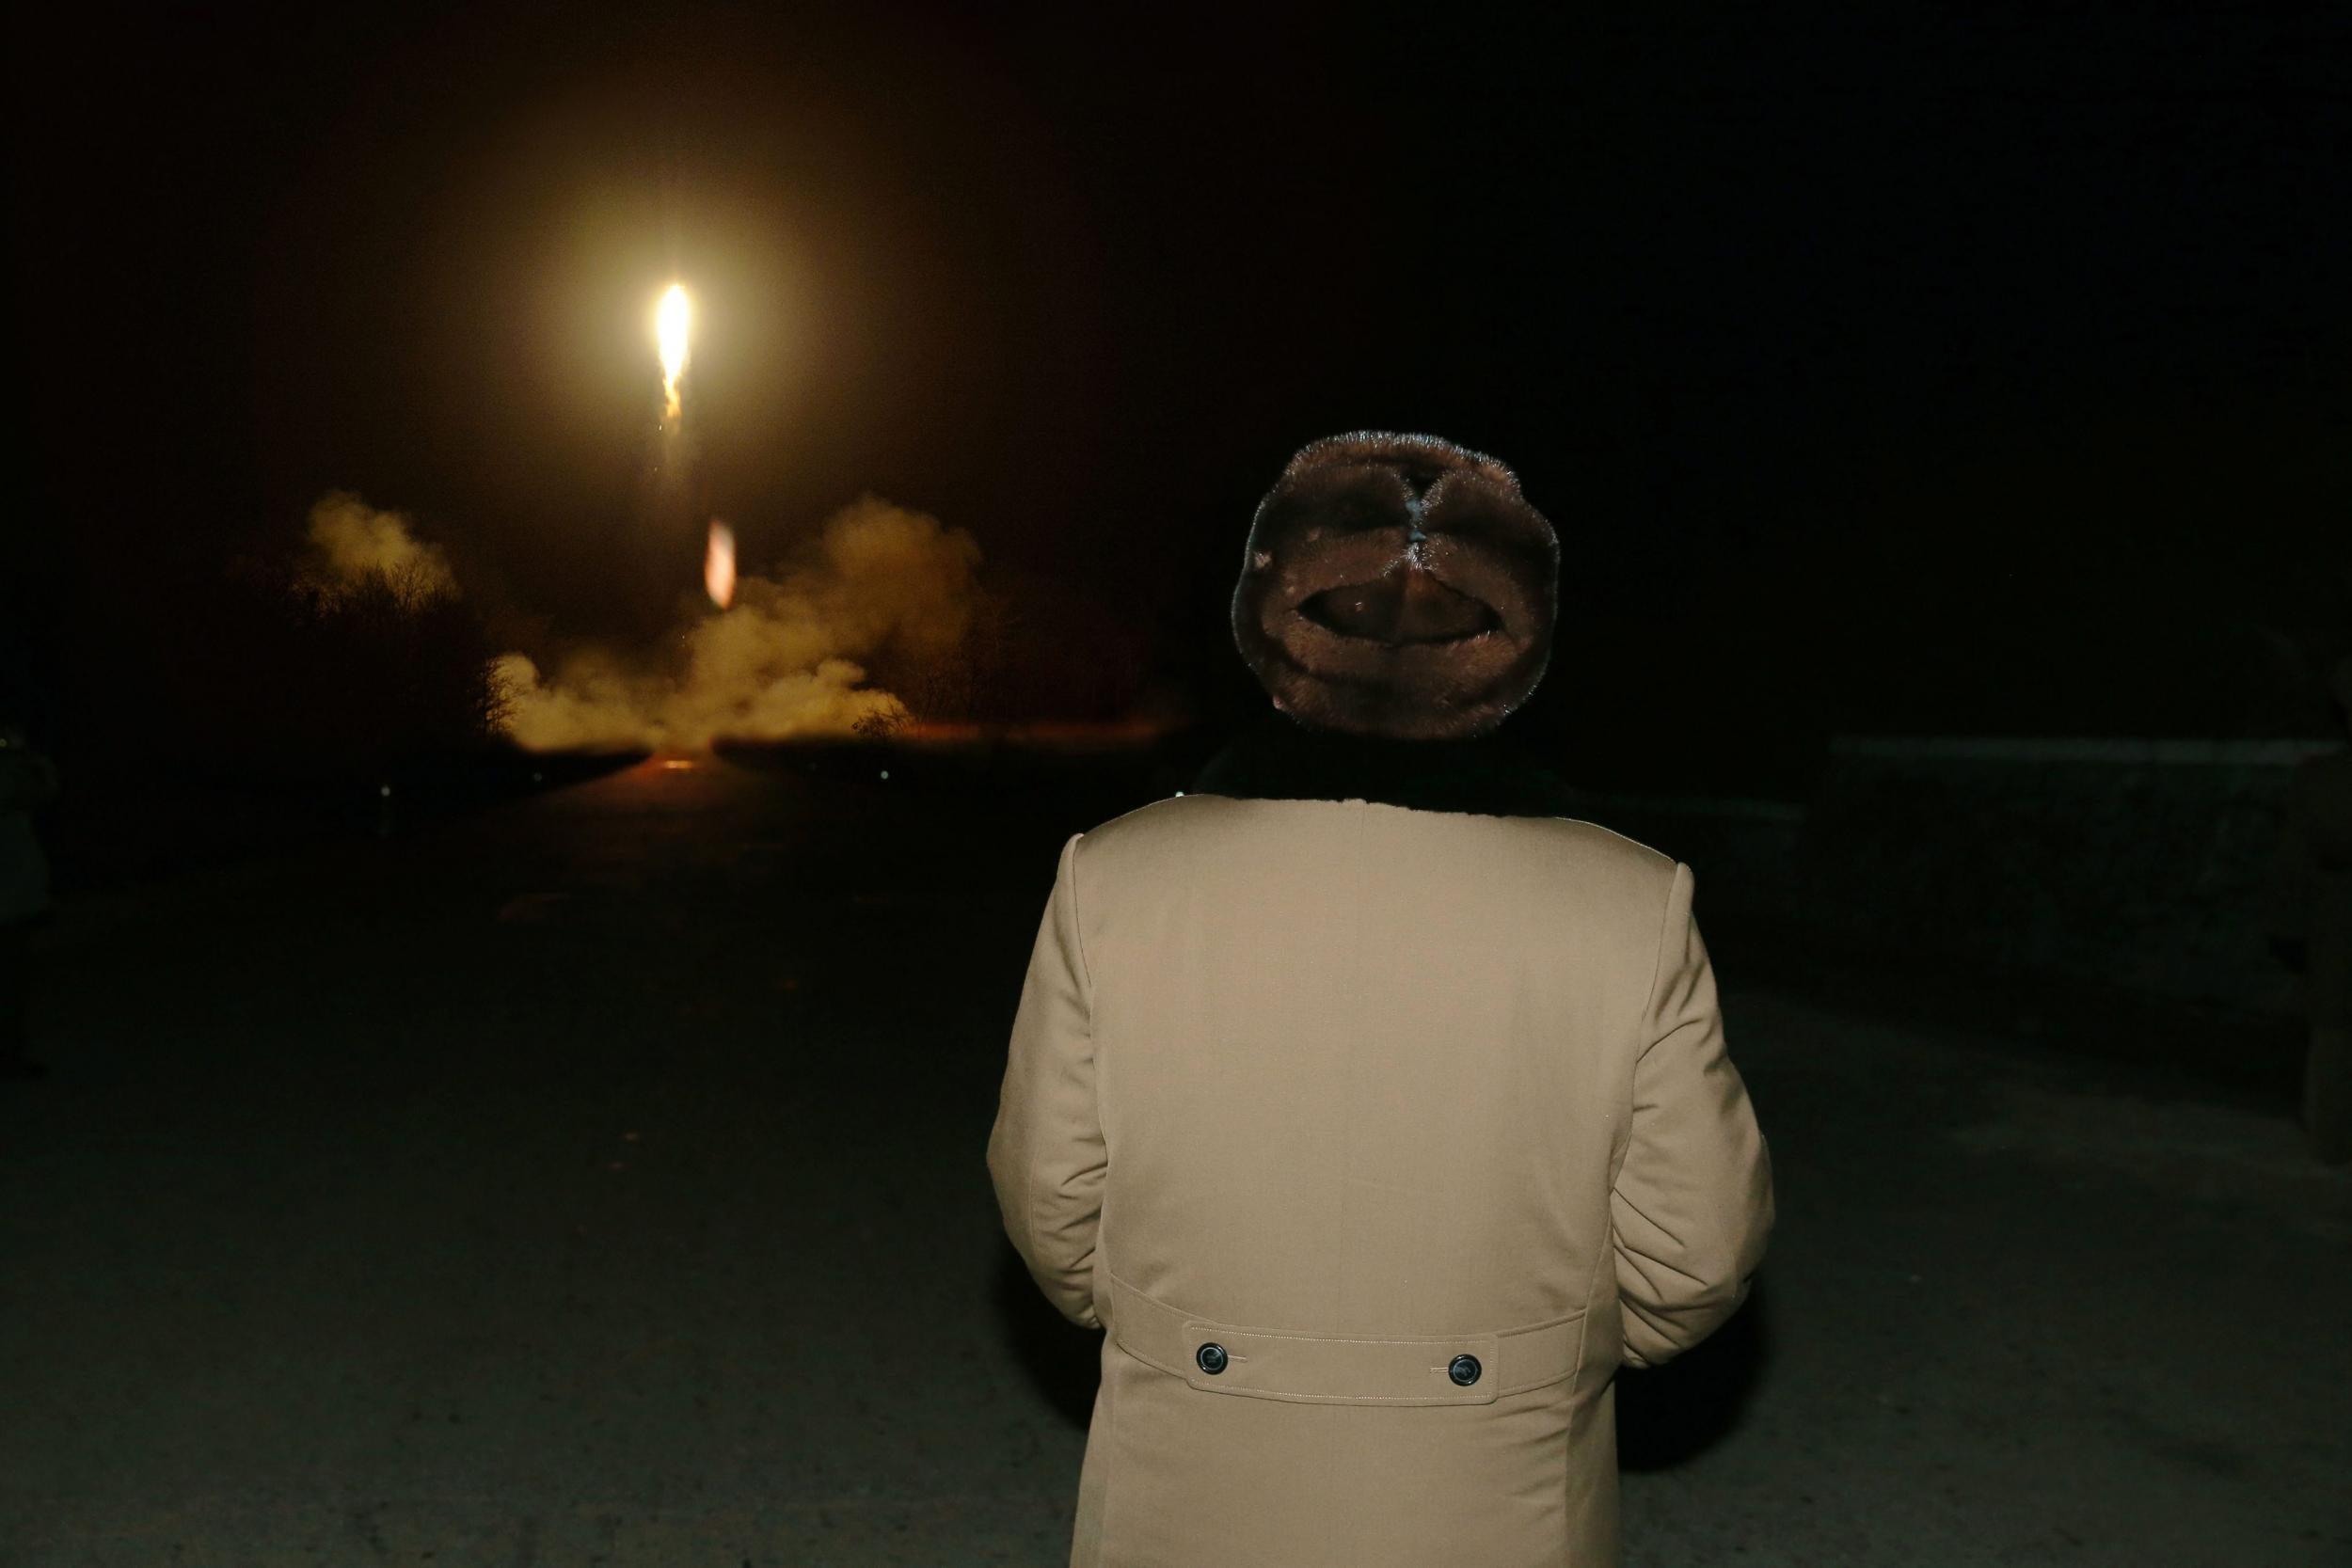 China announces sanctions against North Korea